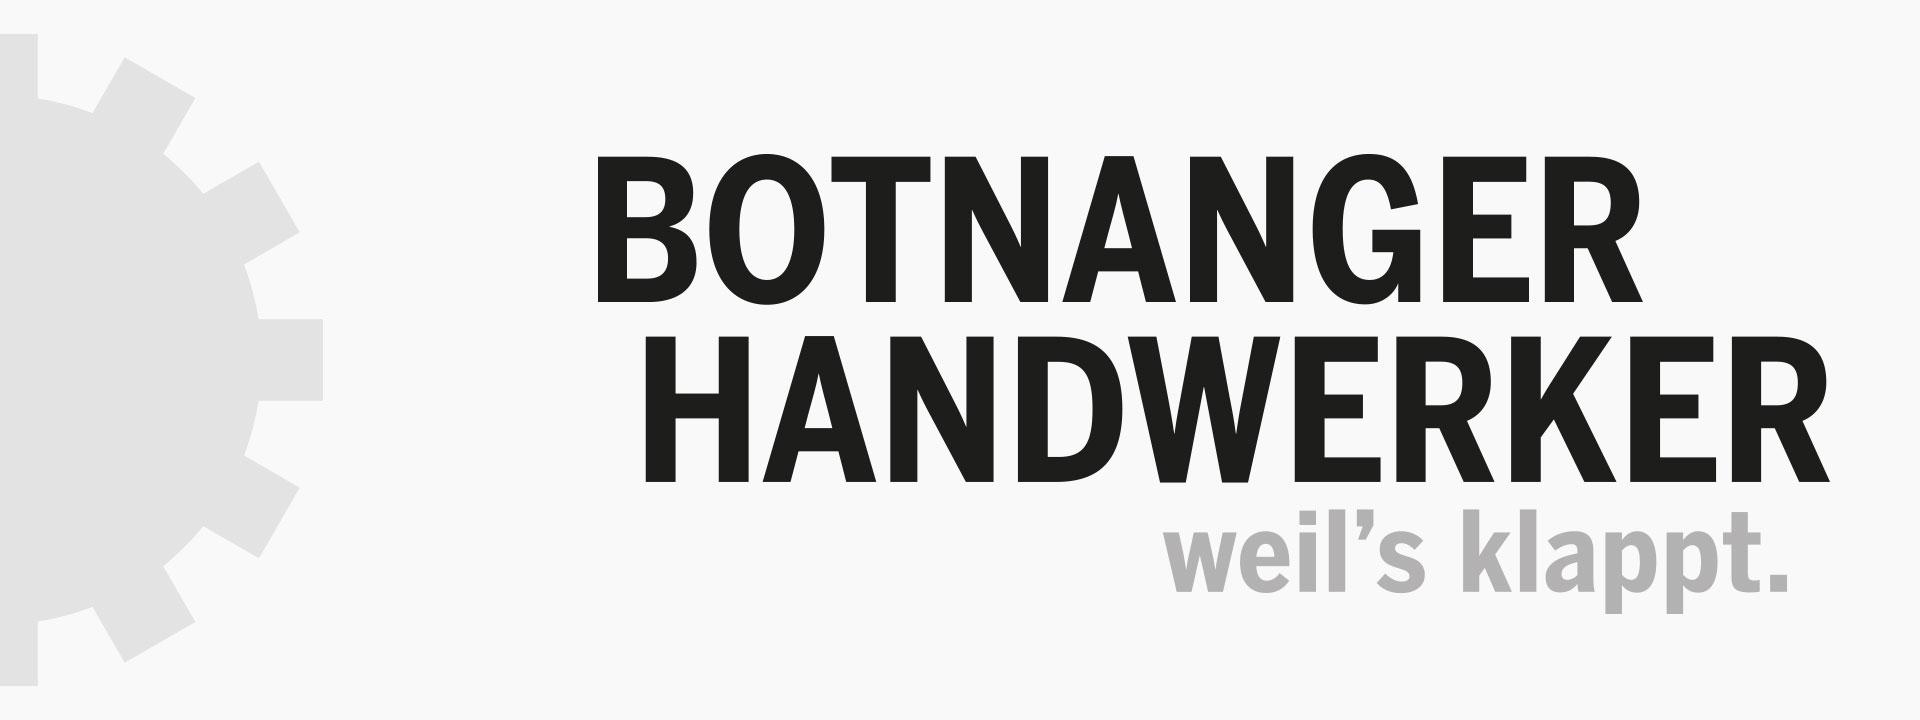 Botnanger Handwerker aha-projects webdesign Stuttgart Berlin